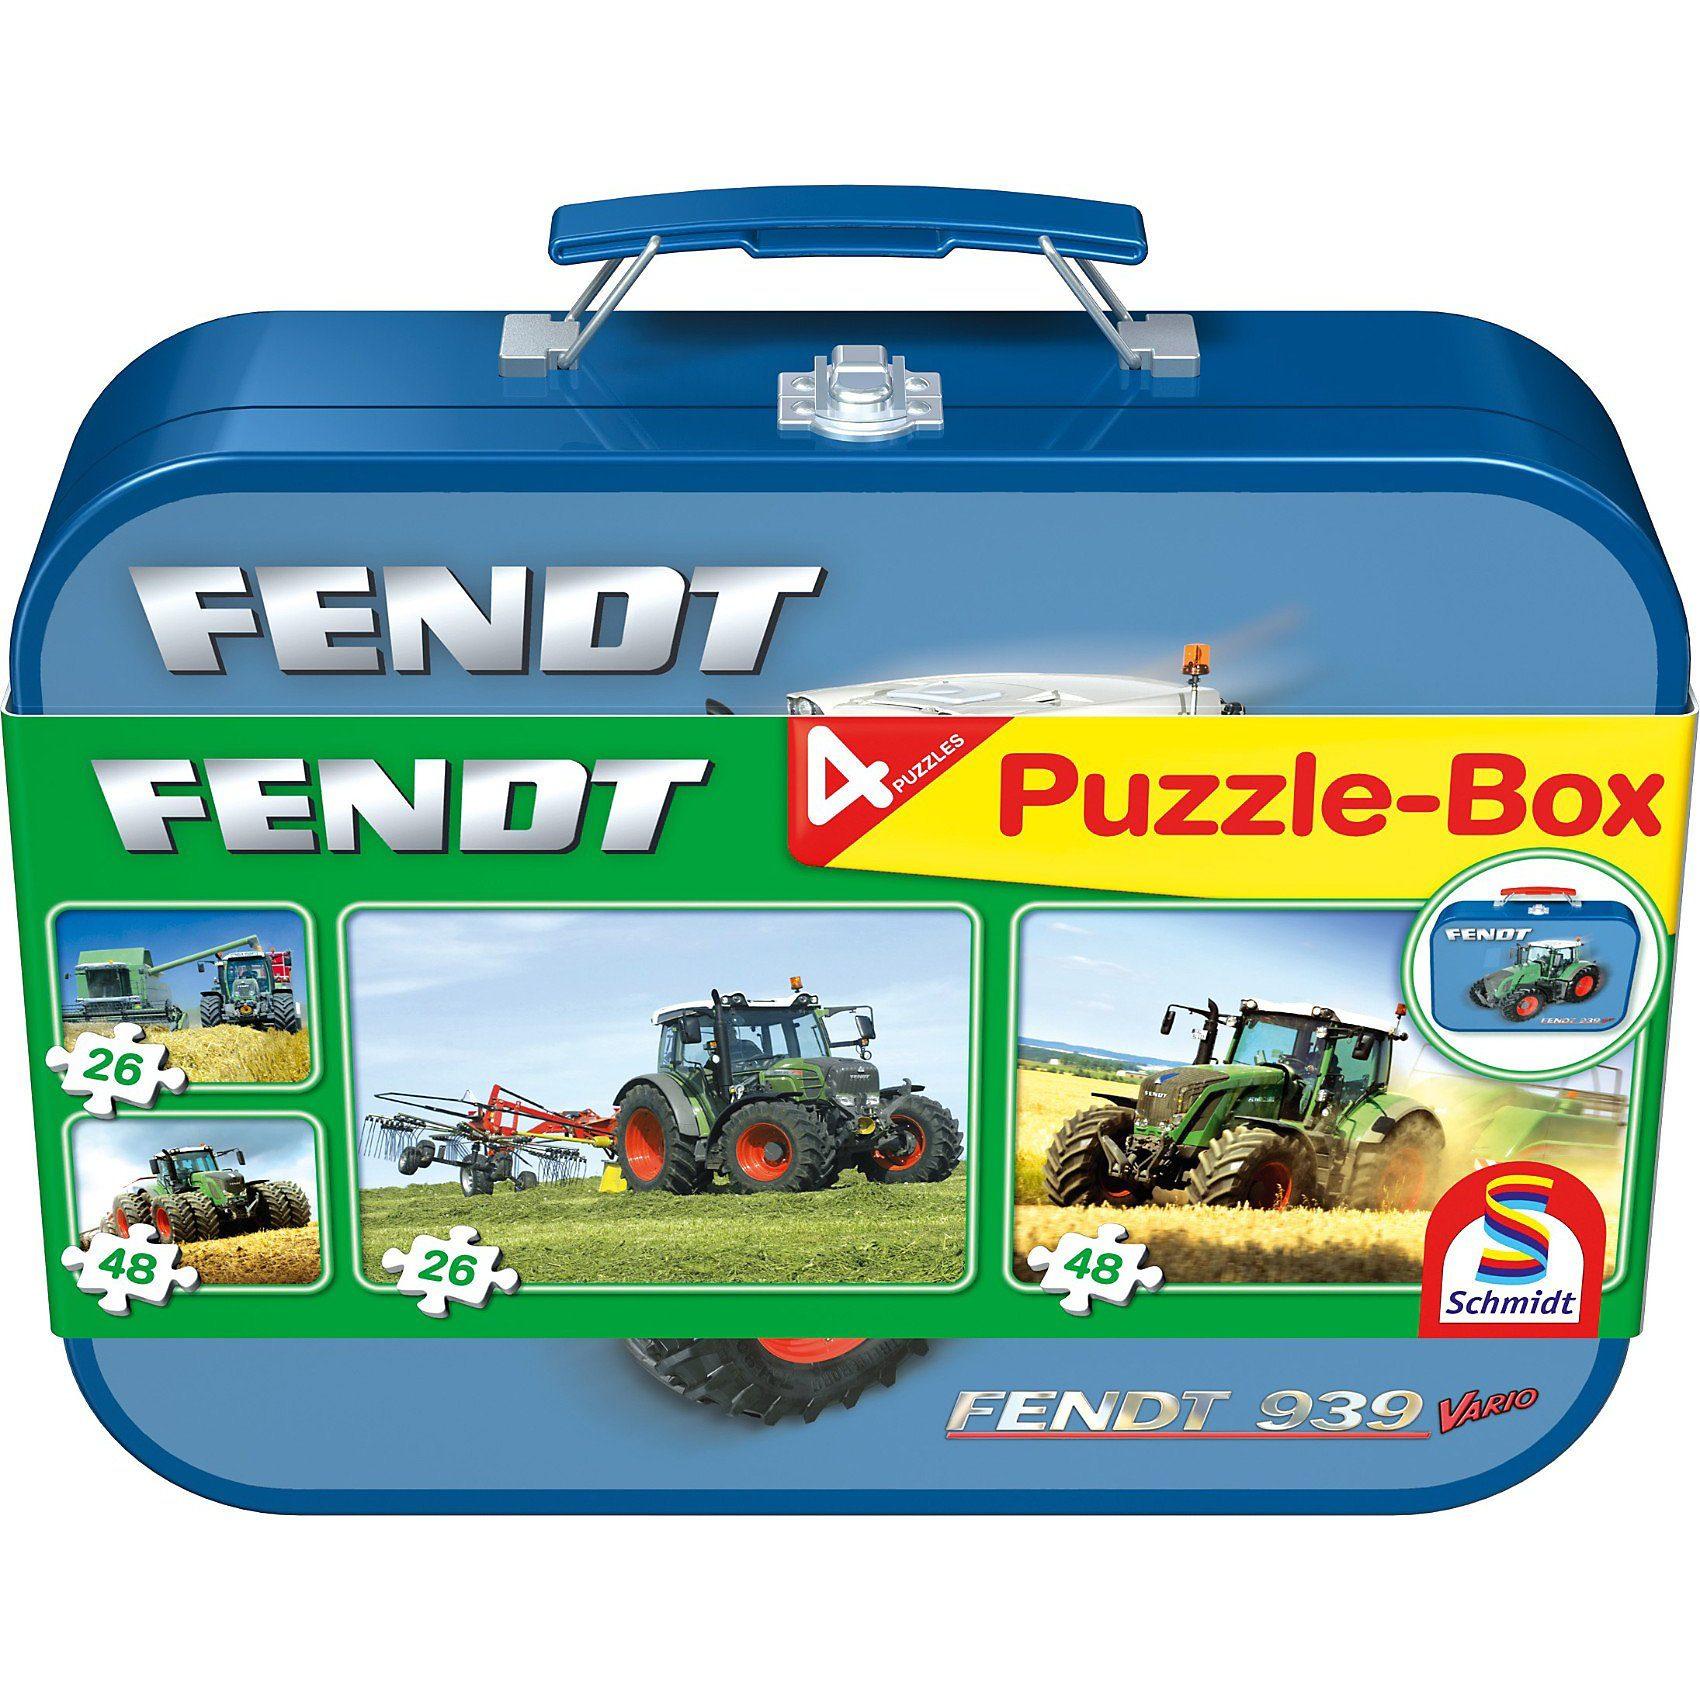 Schmidt Spiele Fendt, Puzzle-Box 2x26, 2x48 Teile im Metallkoffer